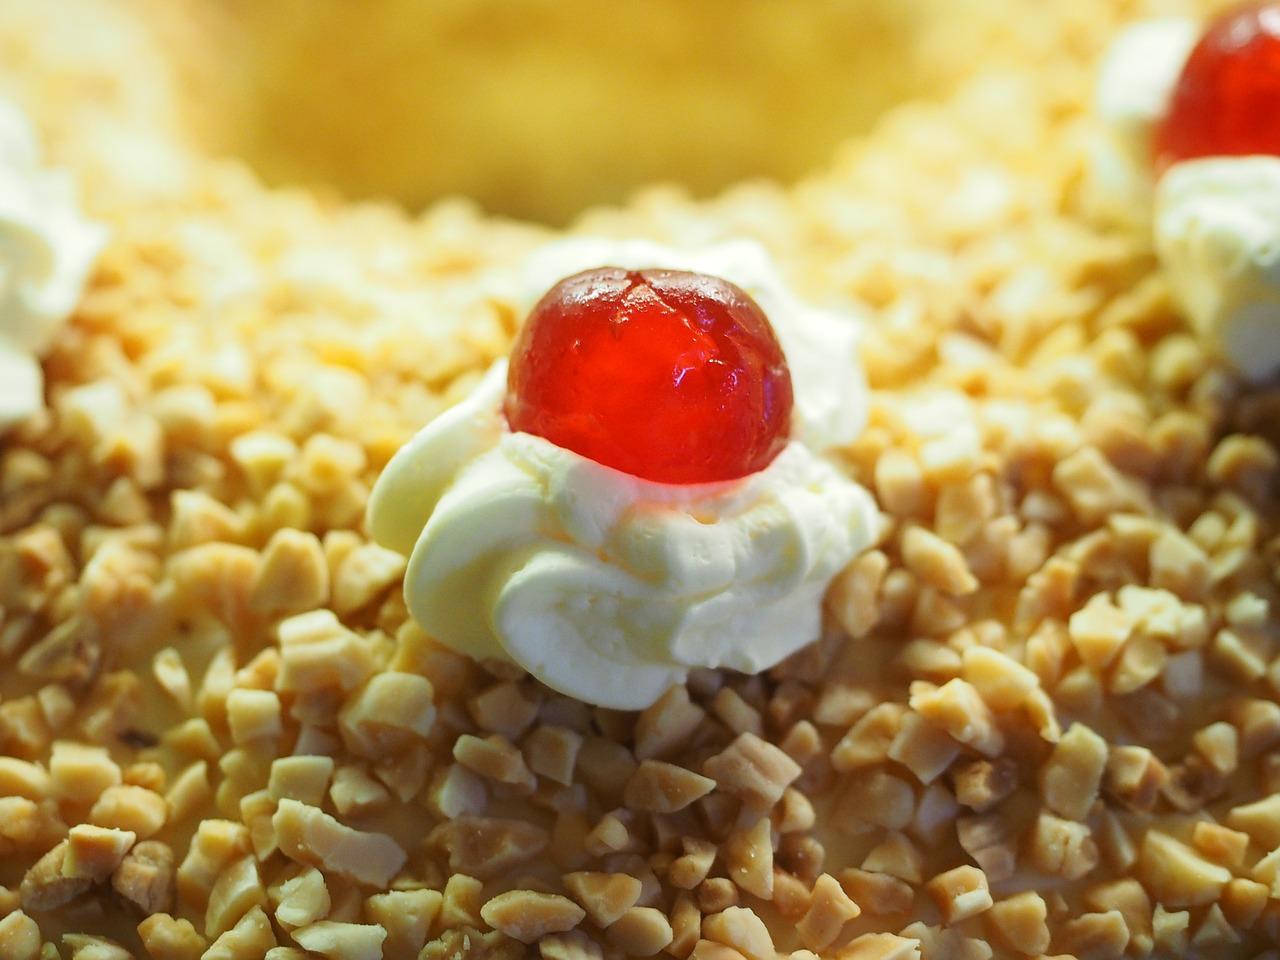 cherry-609643_1280